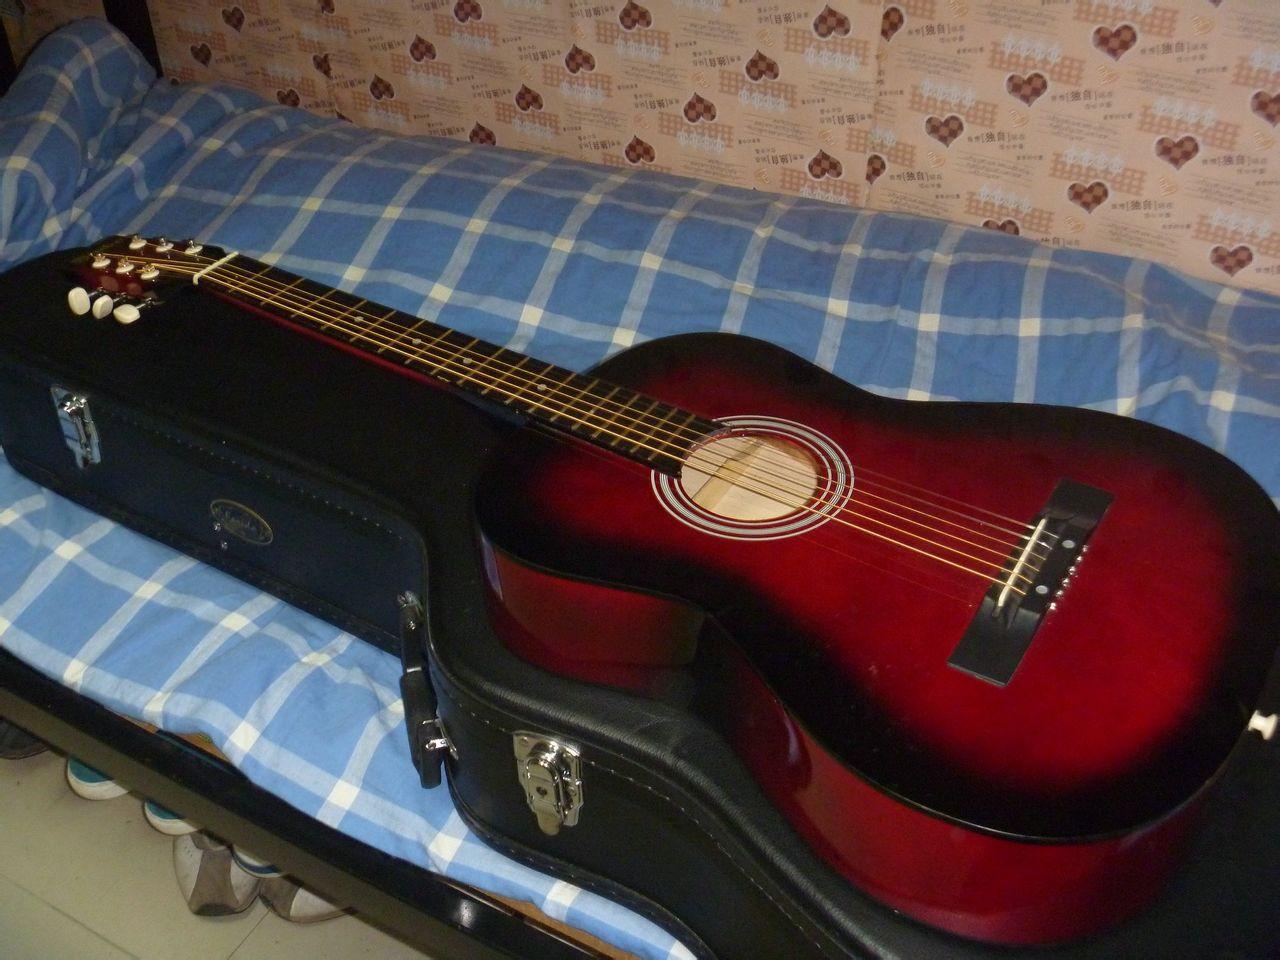 出售一把 吉他 价格便宜 手感好,送吉他基本乐理课1节 宜春高清图片